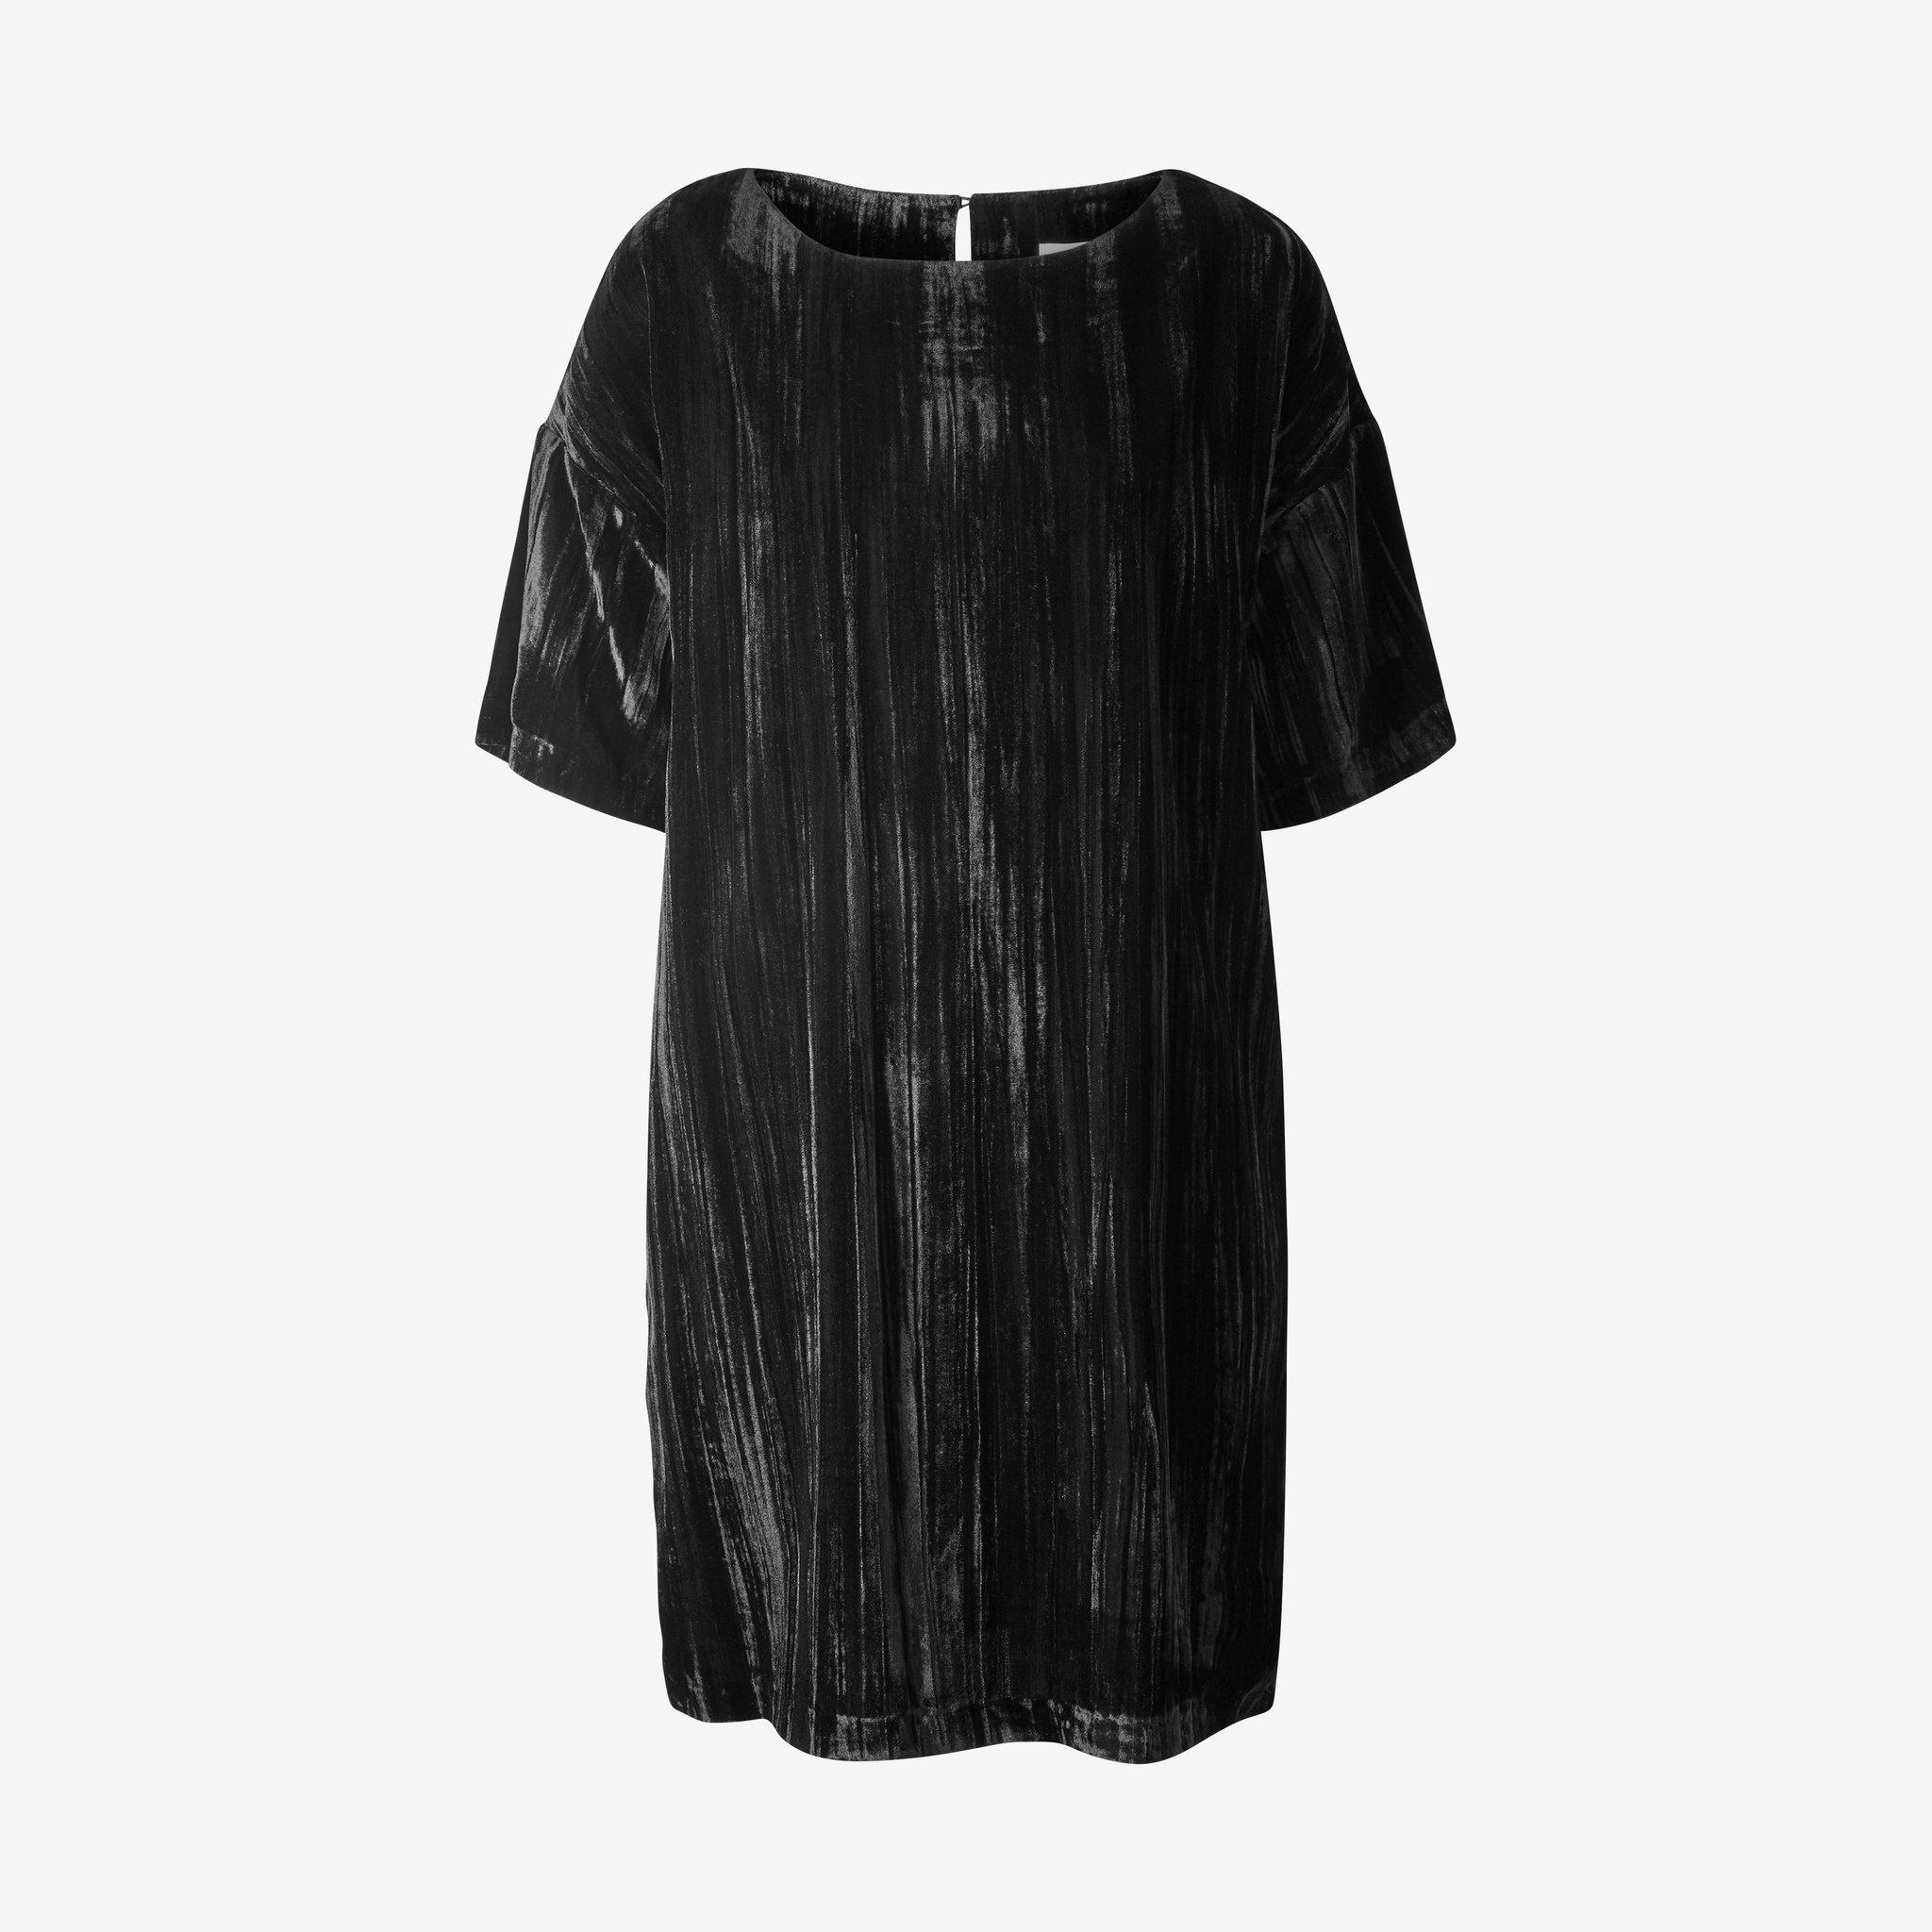 Klänning sammet - Klänningar - Köp online på åhlens.se! ba6afa443f181